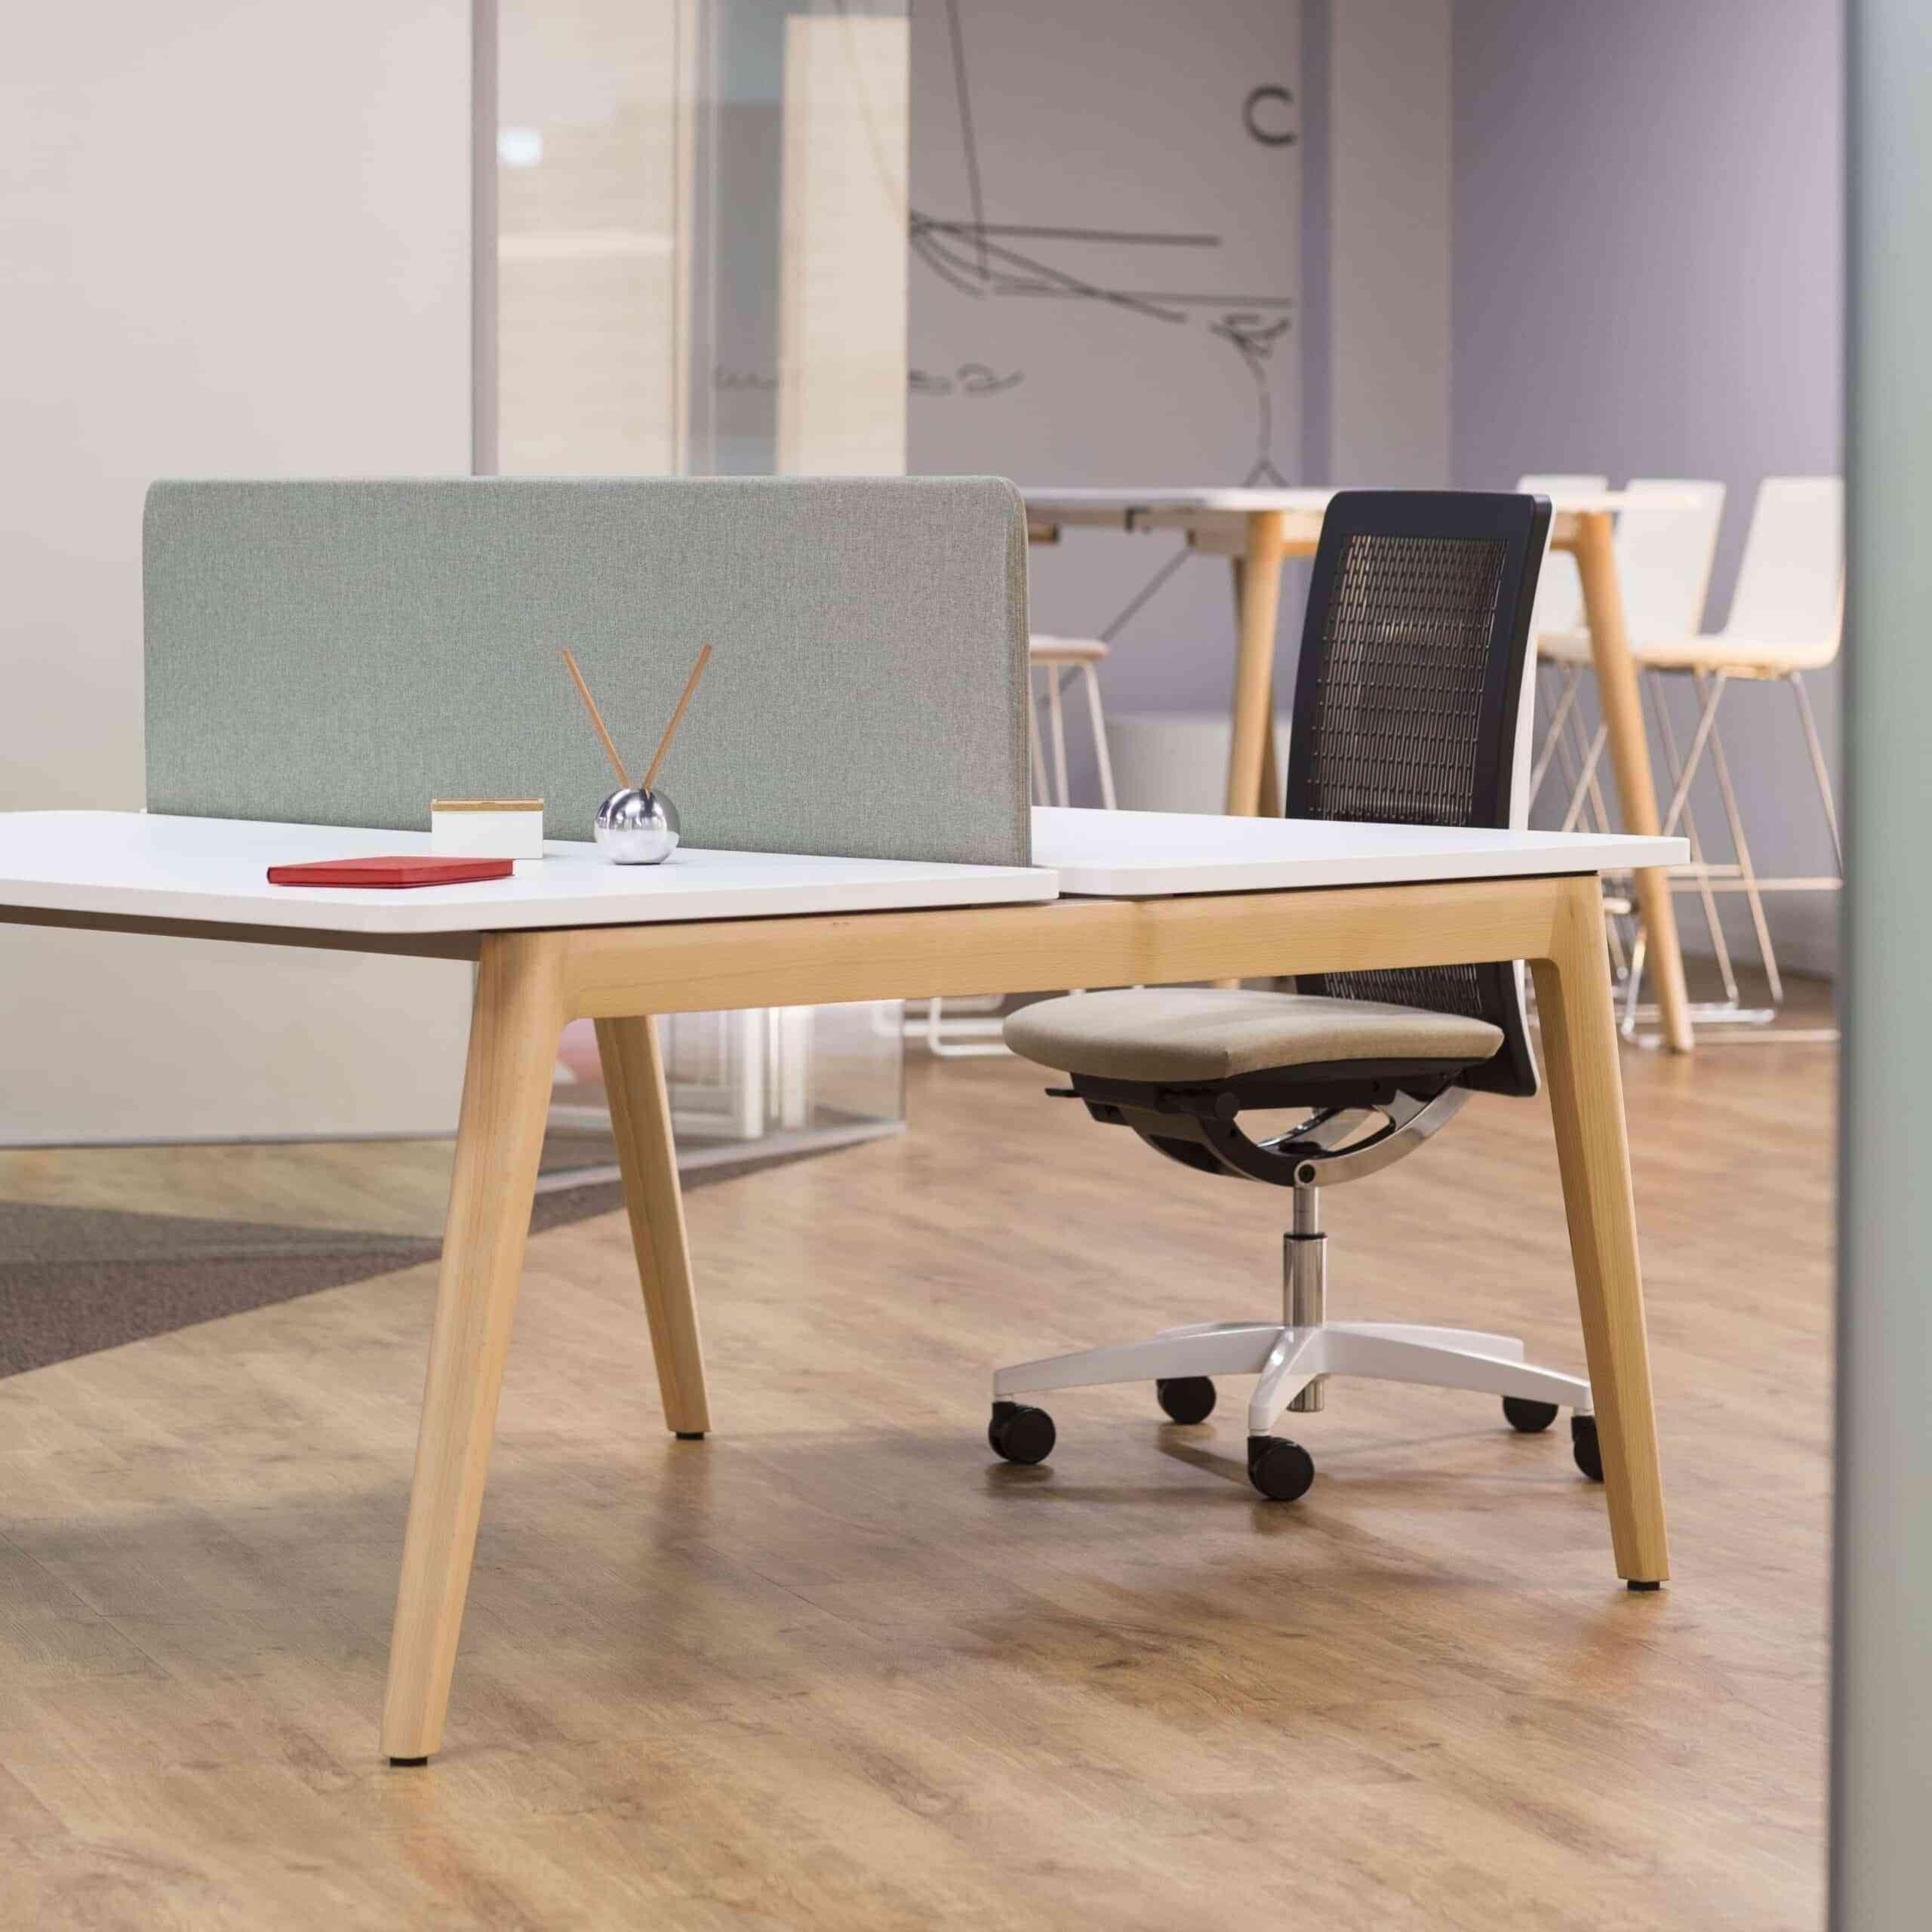 Cómo elegir el mejor mobiliario para tu oficina: consejos 2